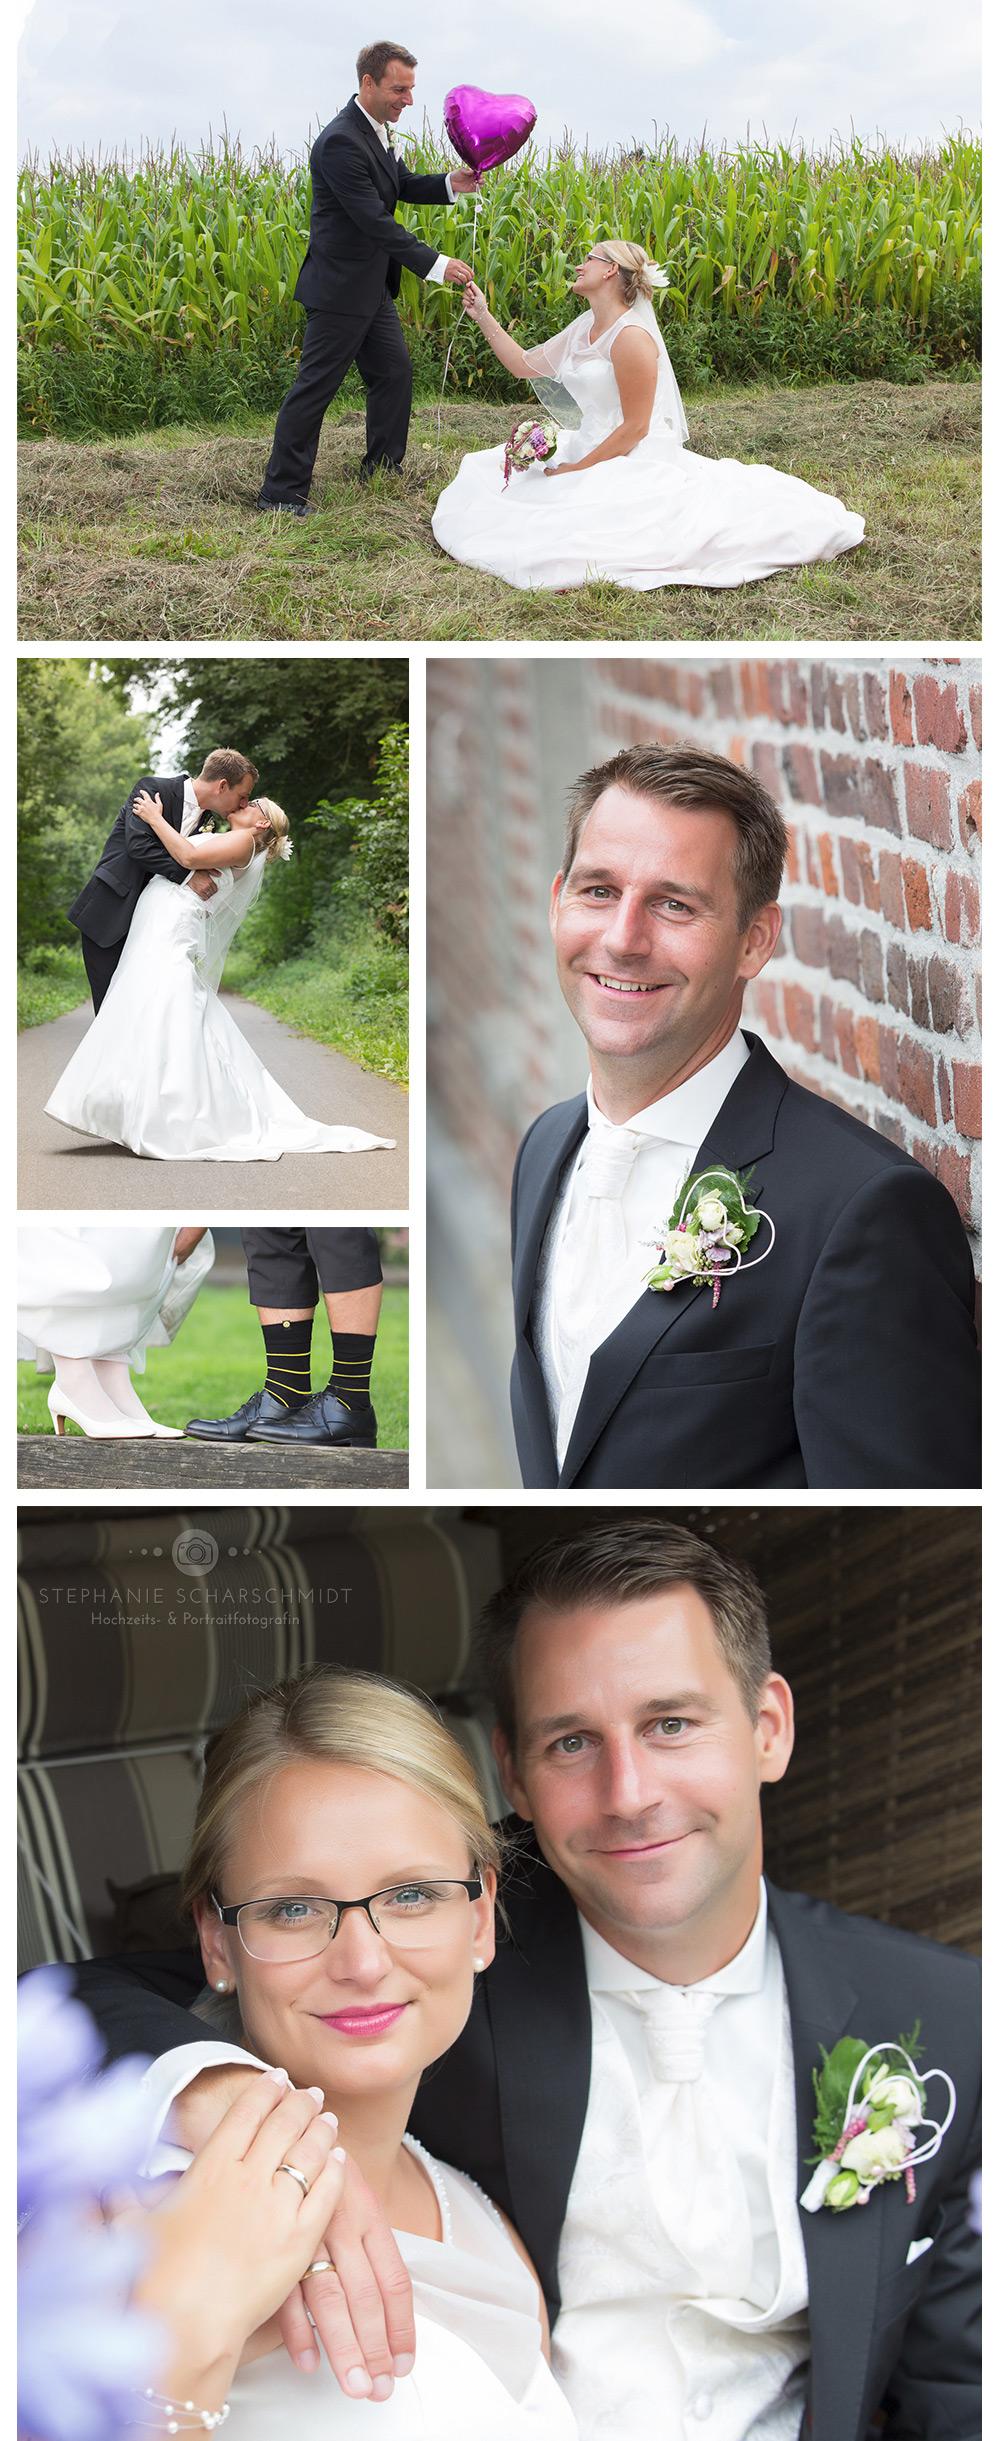 kreative Brautpaarfotos – umfangreiche Hochzeitsreportage